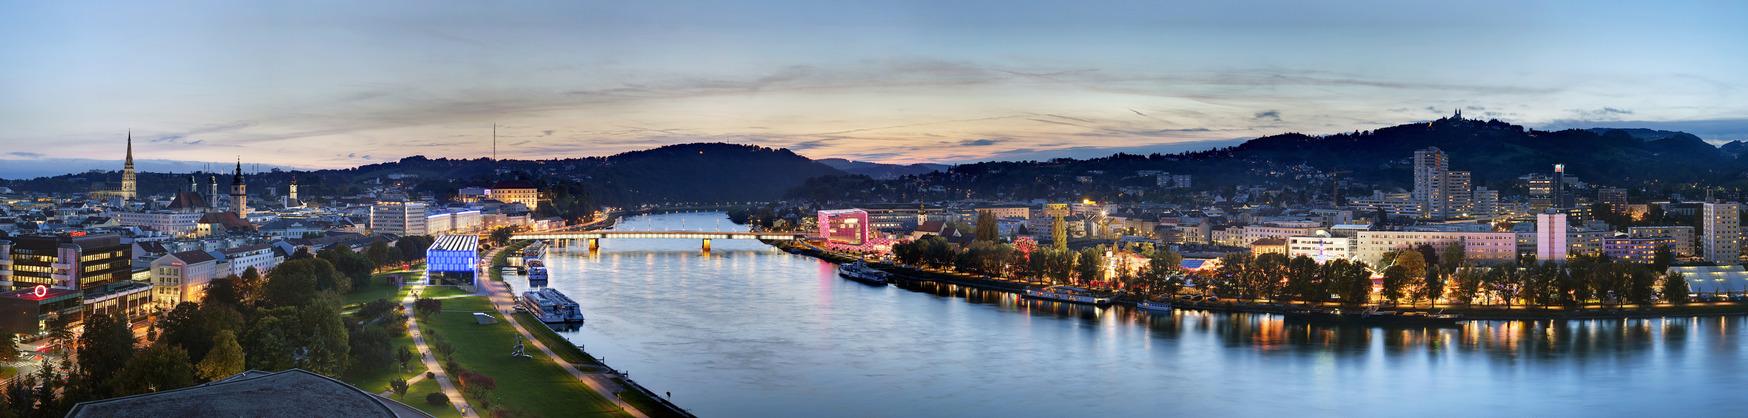 Linz Panorama / © Linz Tourismus Johann Steininger